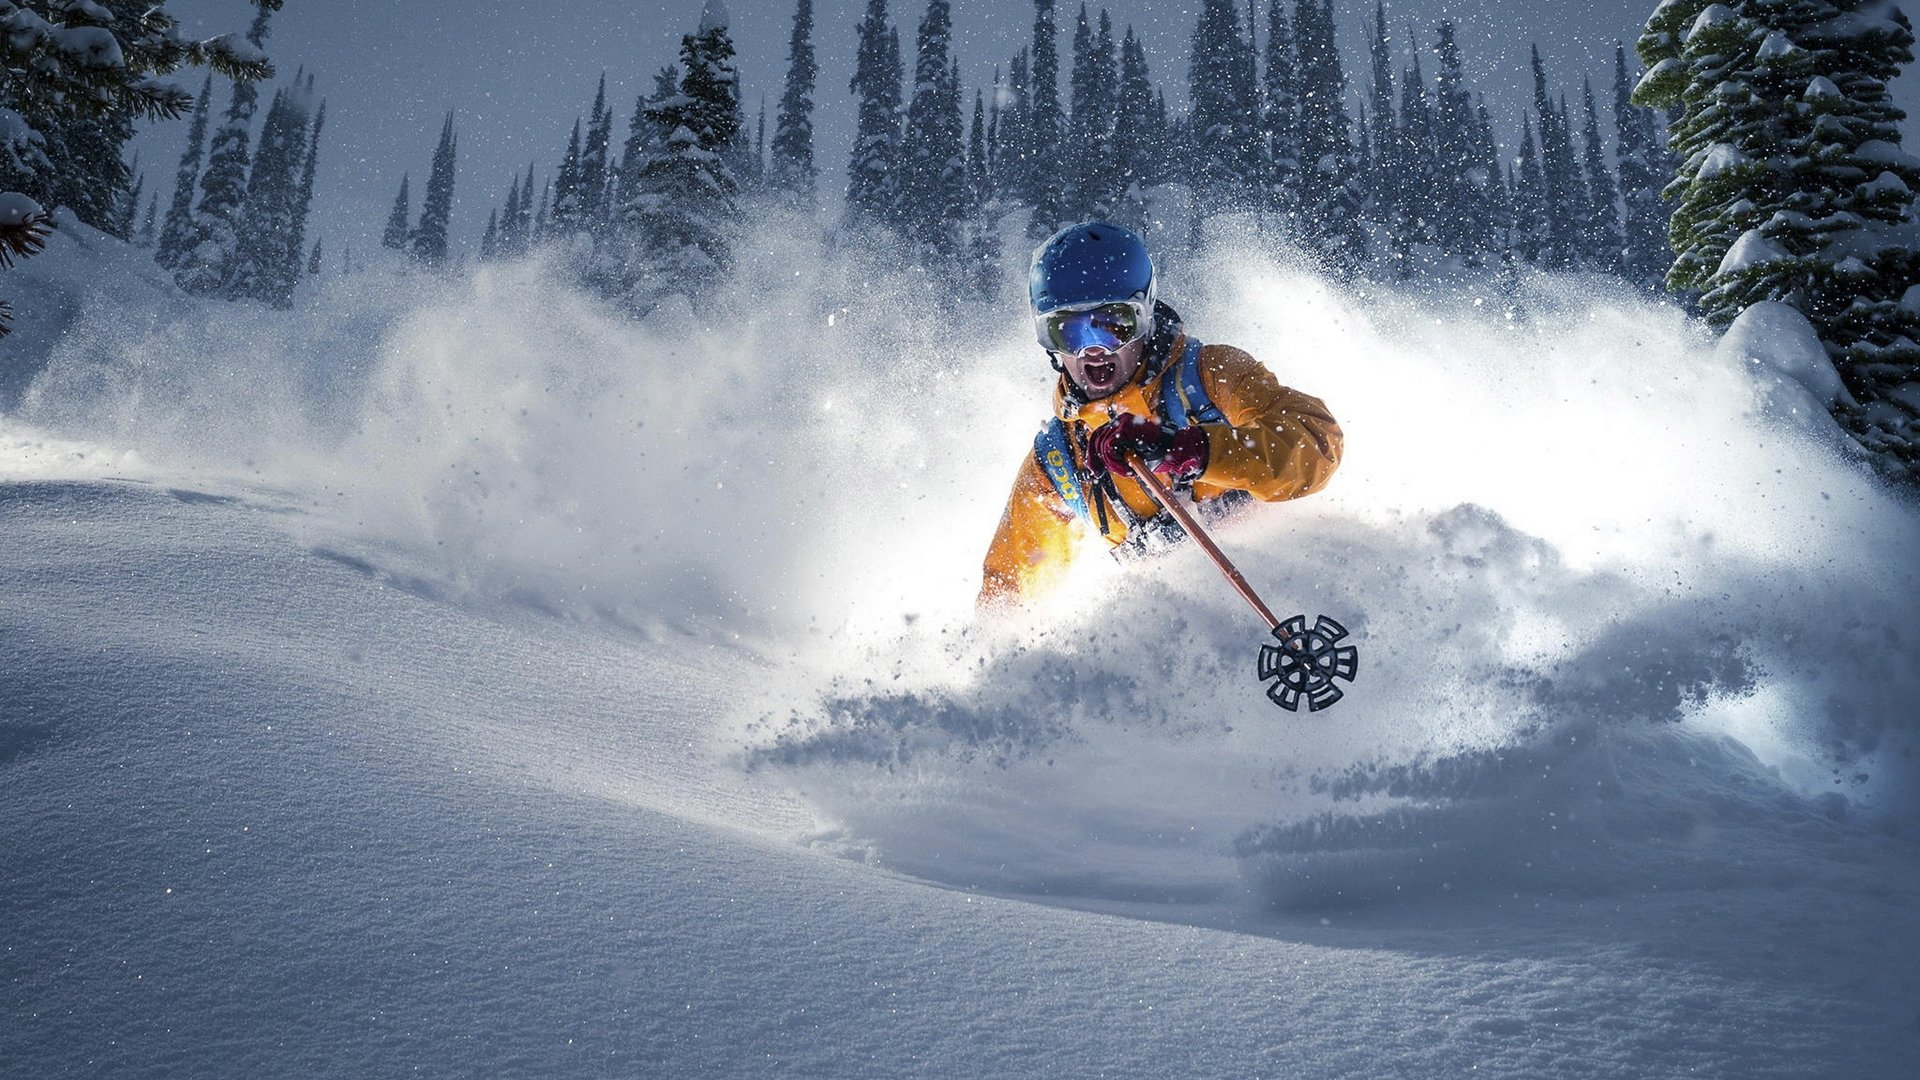 29 fantastic hd skiing wallpapers - Ski wallpaper ...